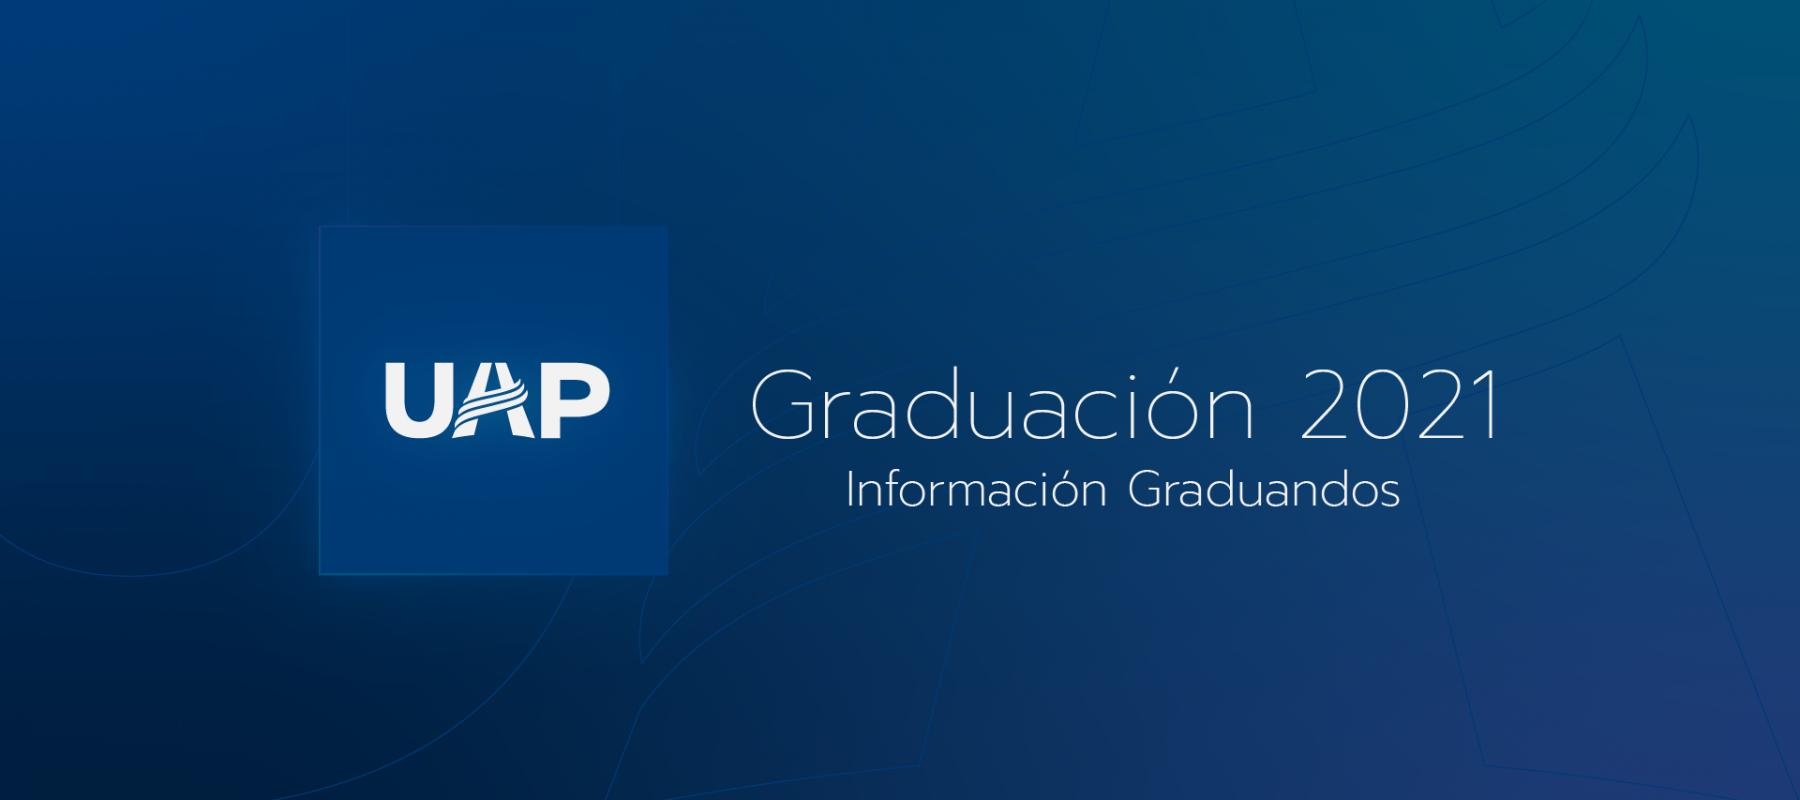 Información para graduados 2021